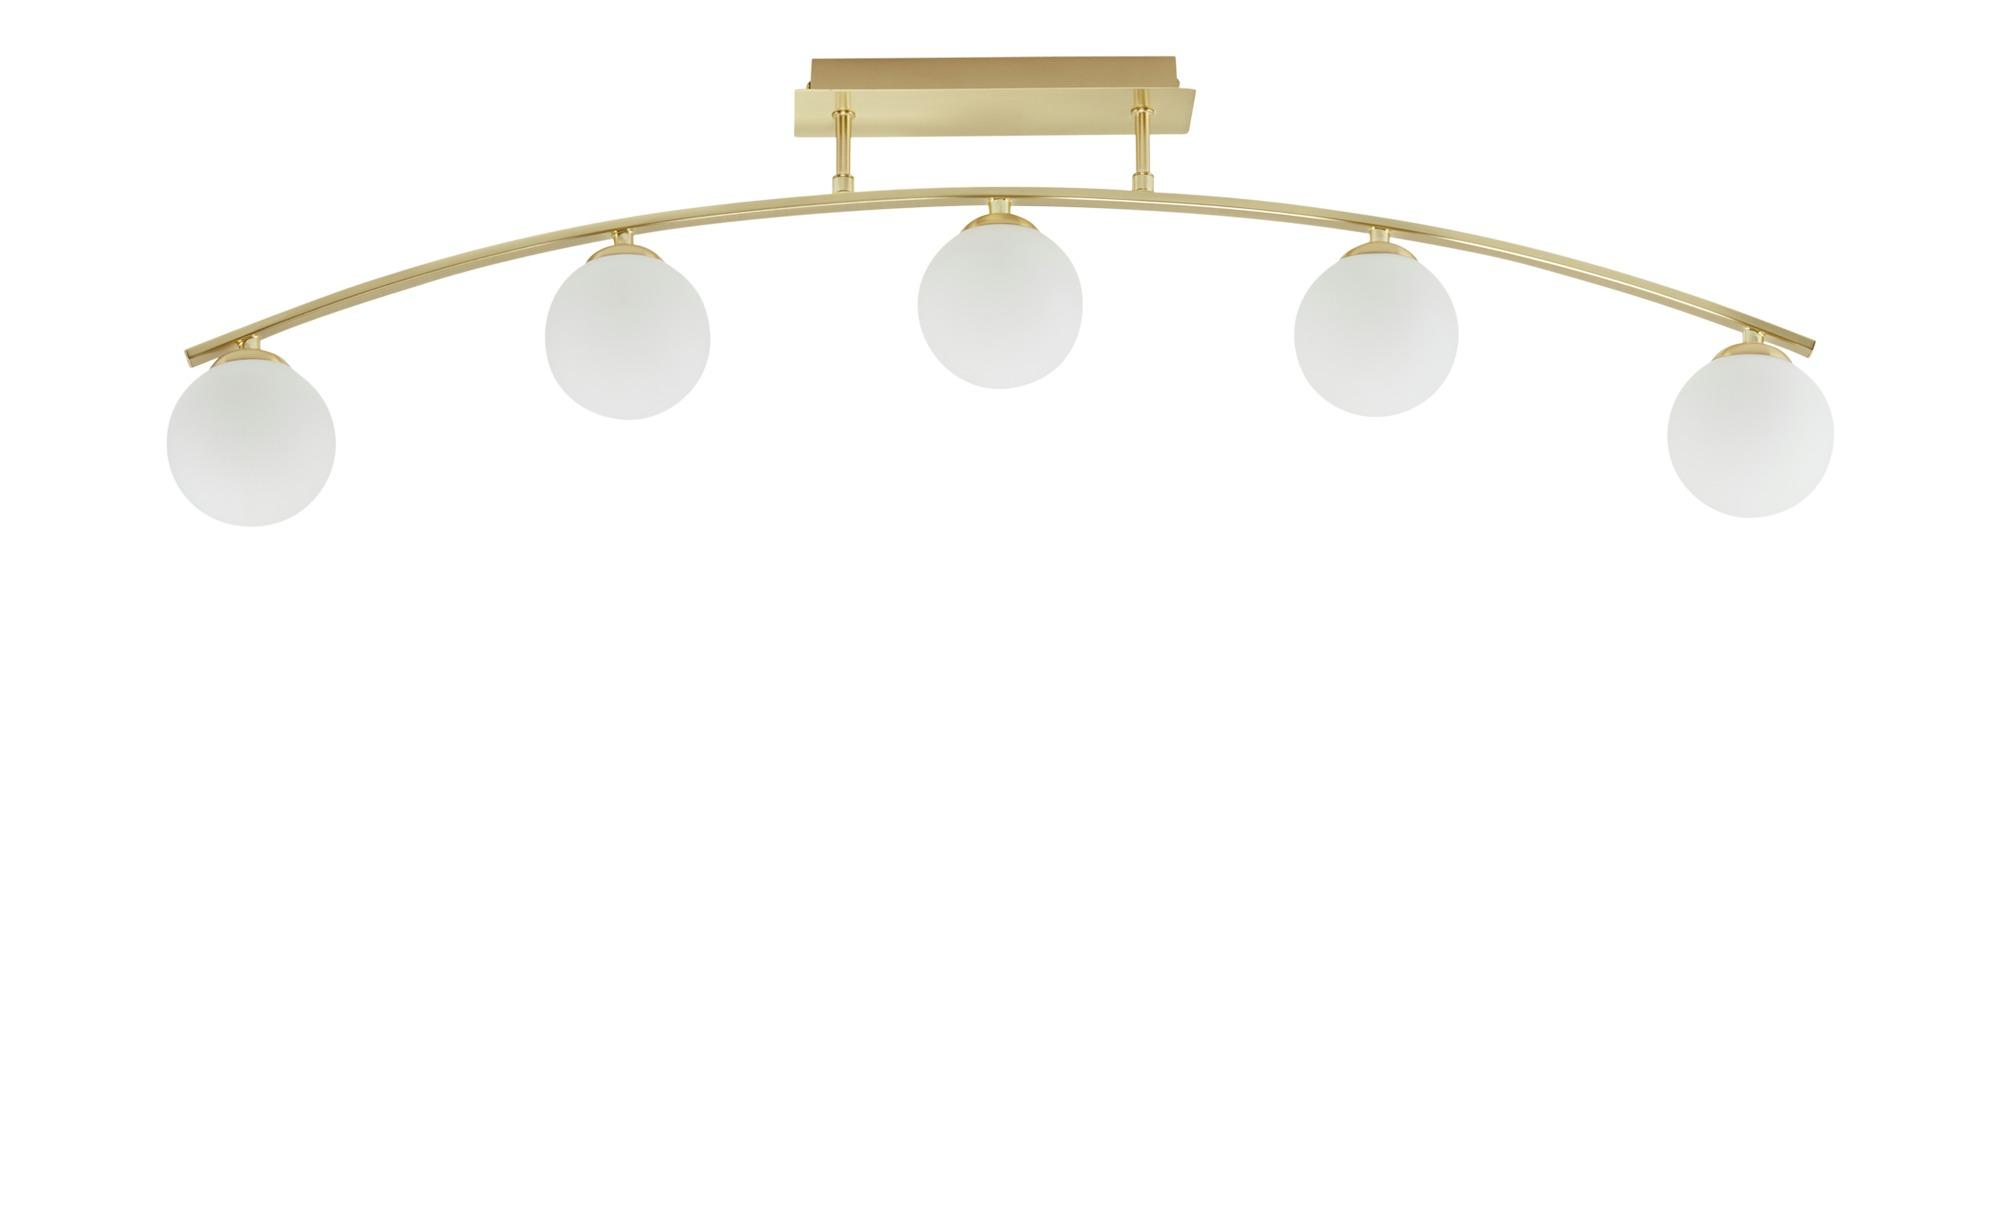 KHG Deckenleuchte, 5-flammig, ,messing mit Glaskugeln ¦ gold ¦ Maße (cm): B: 10 H: 28 Lampen & Leuchten > Innenleuchten > Deckenleuchten - Höffner